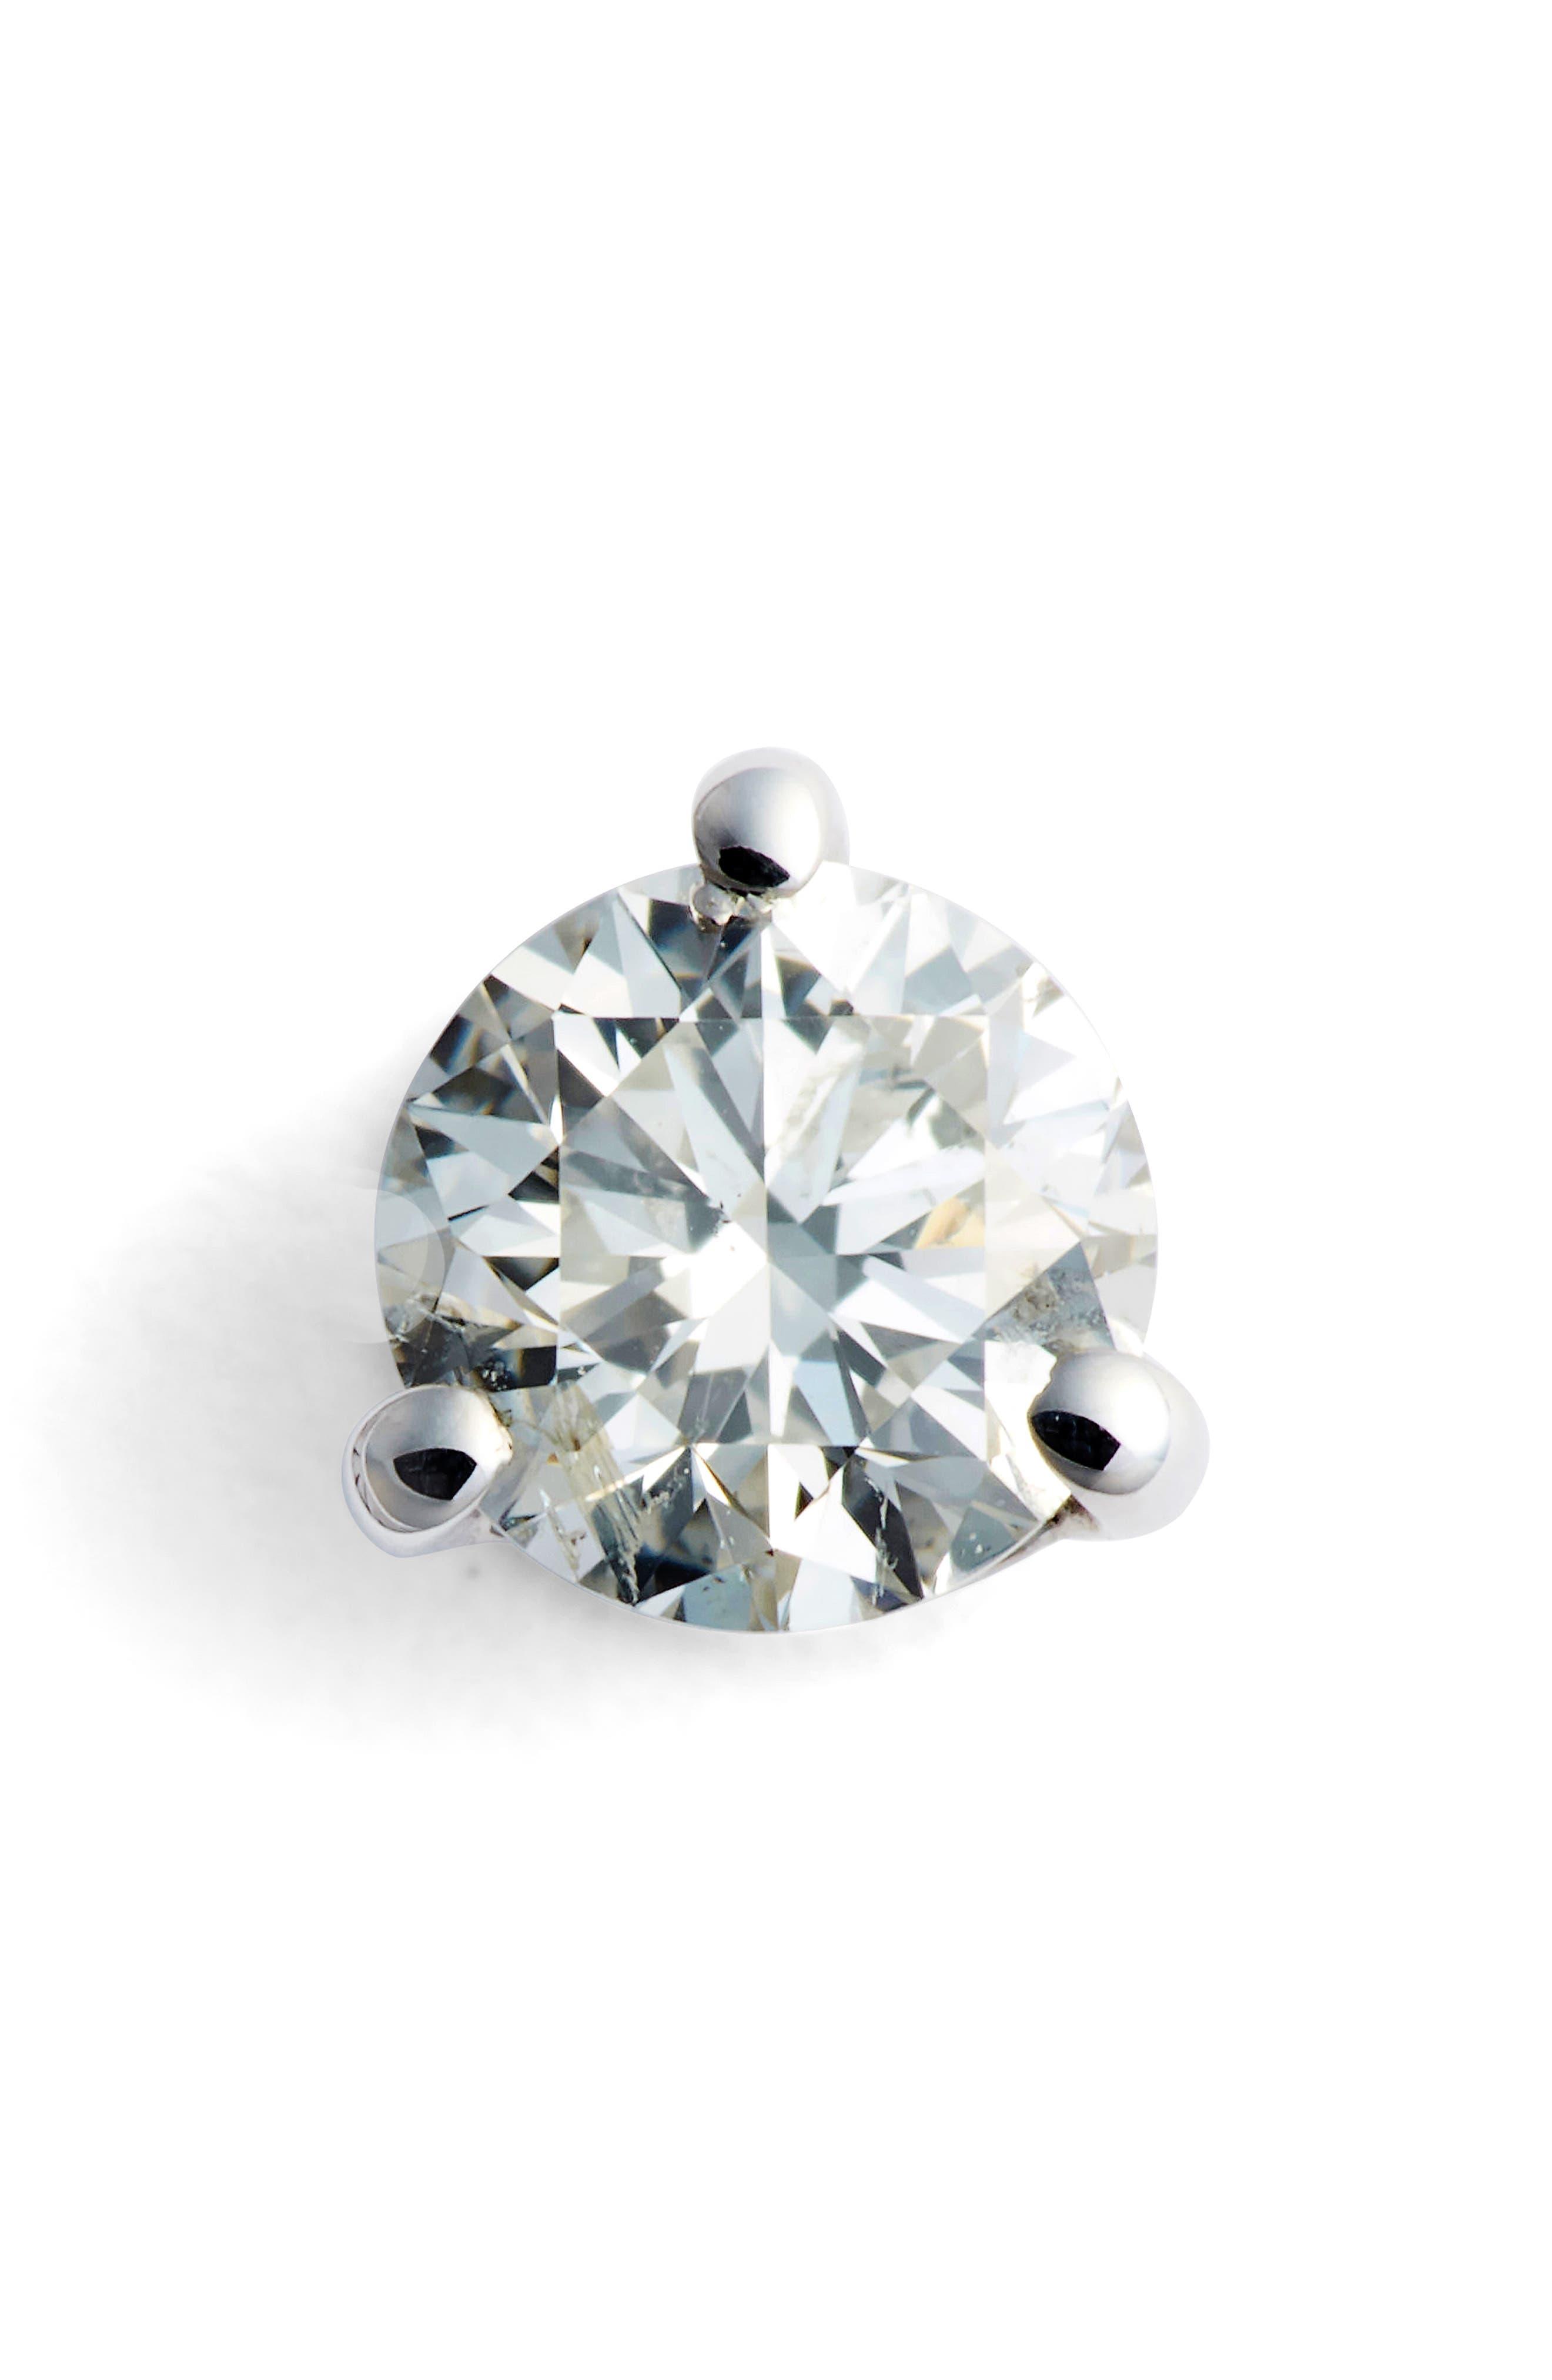 Single Diamond Stud Earring,                             Main thumbnail 1, color,                             WHITE GOLD 2